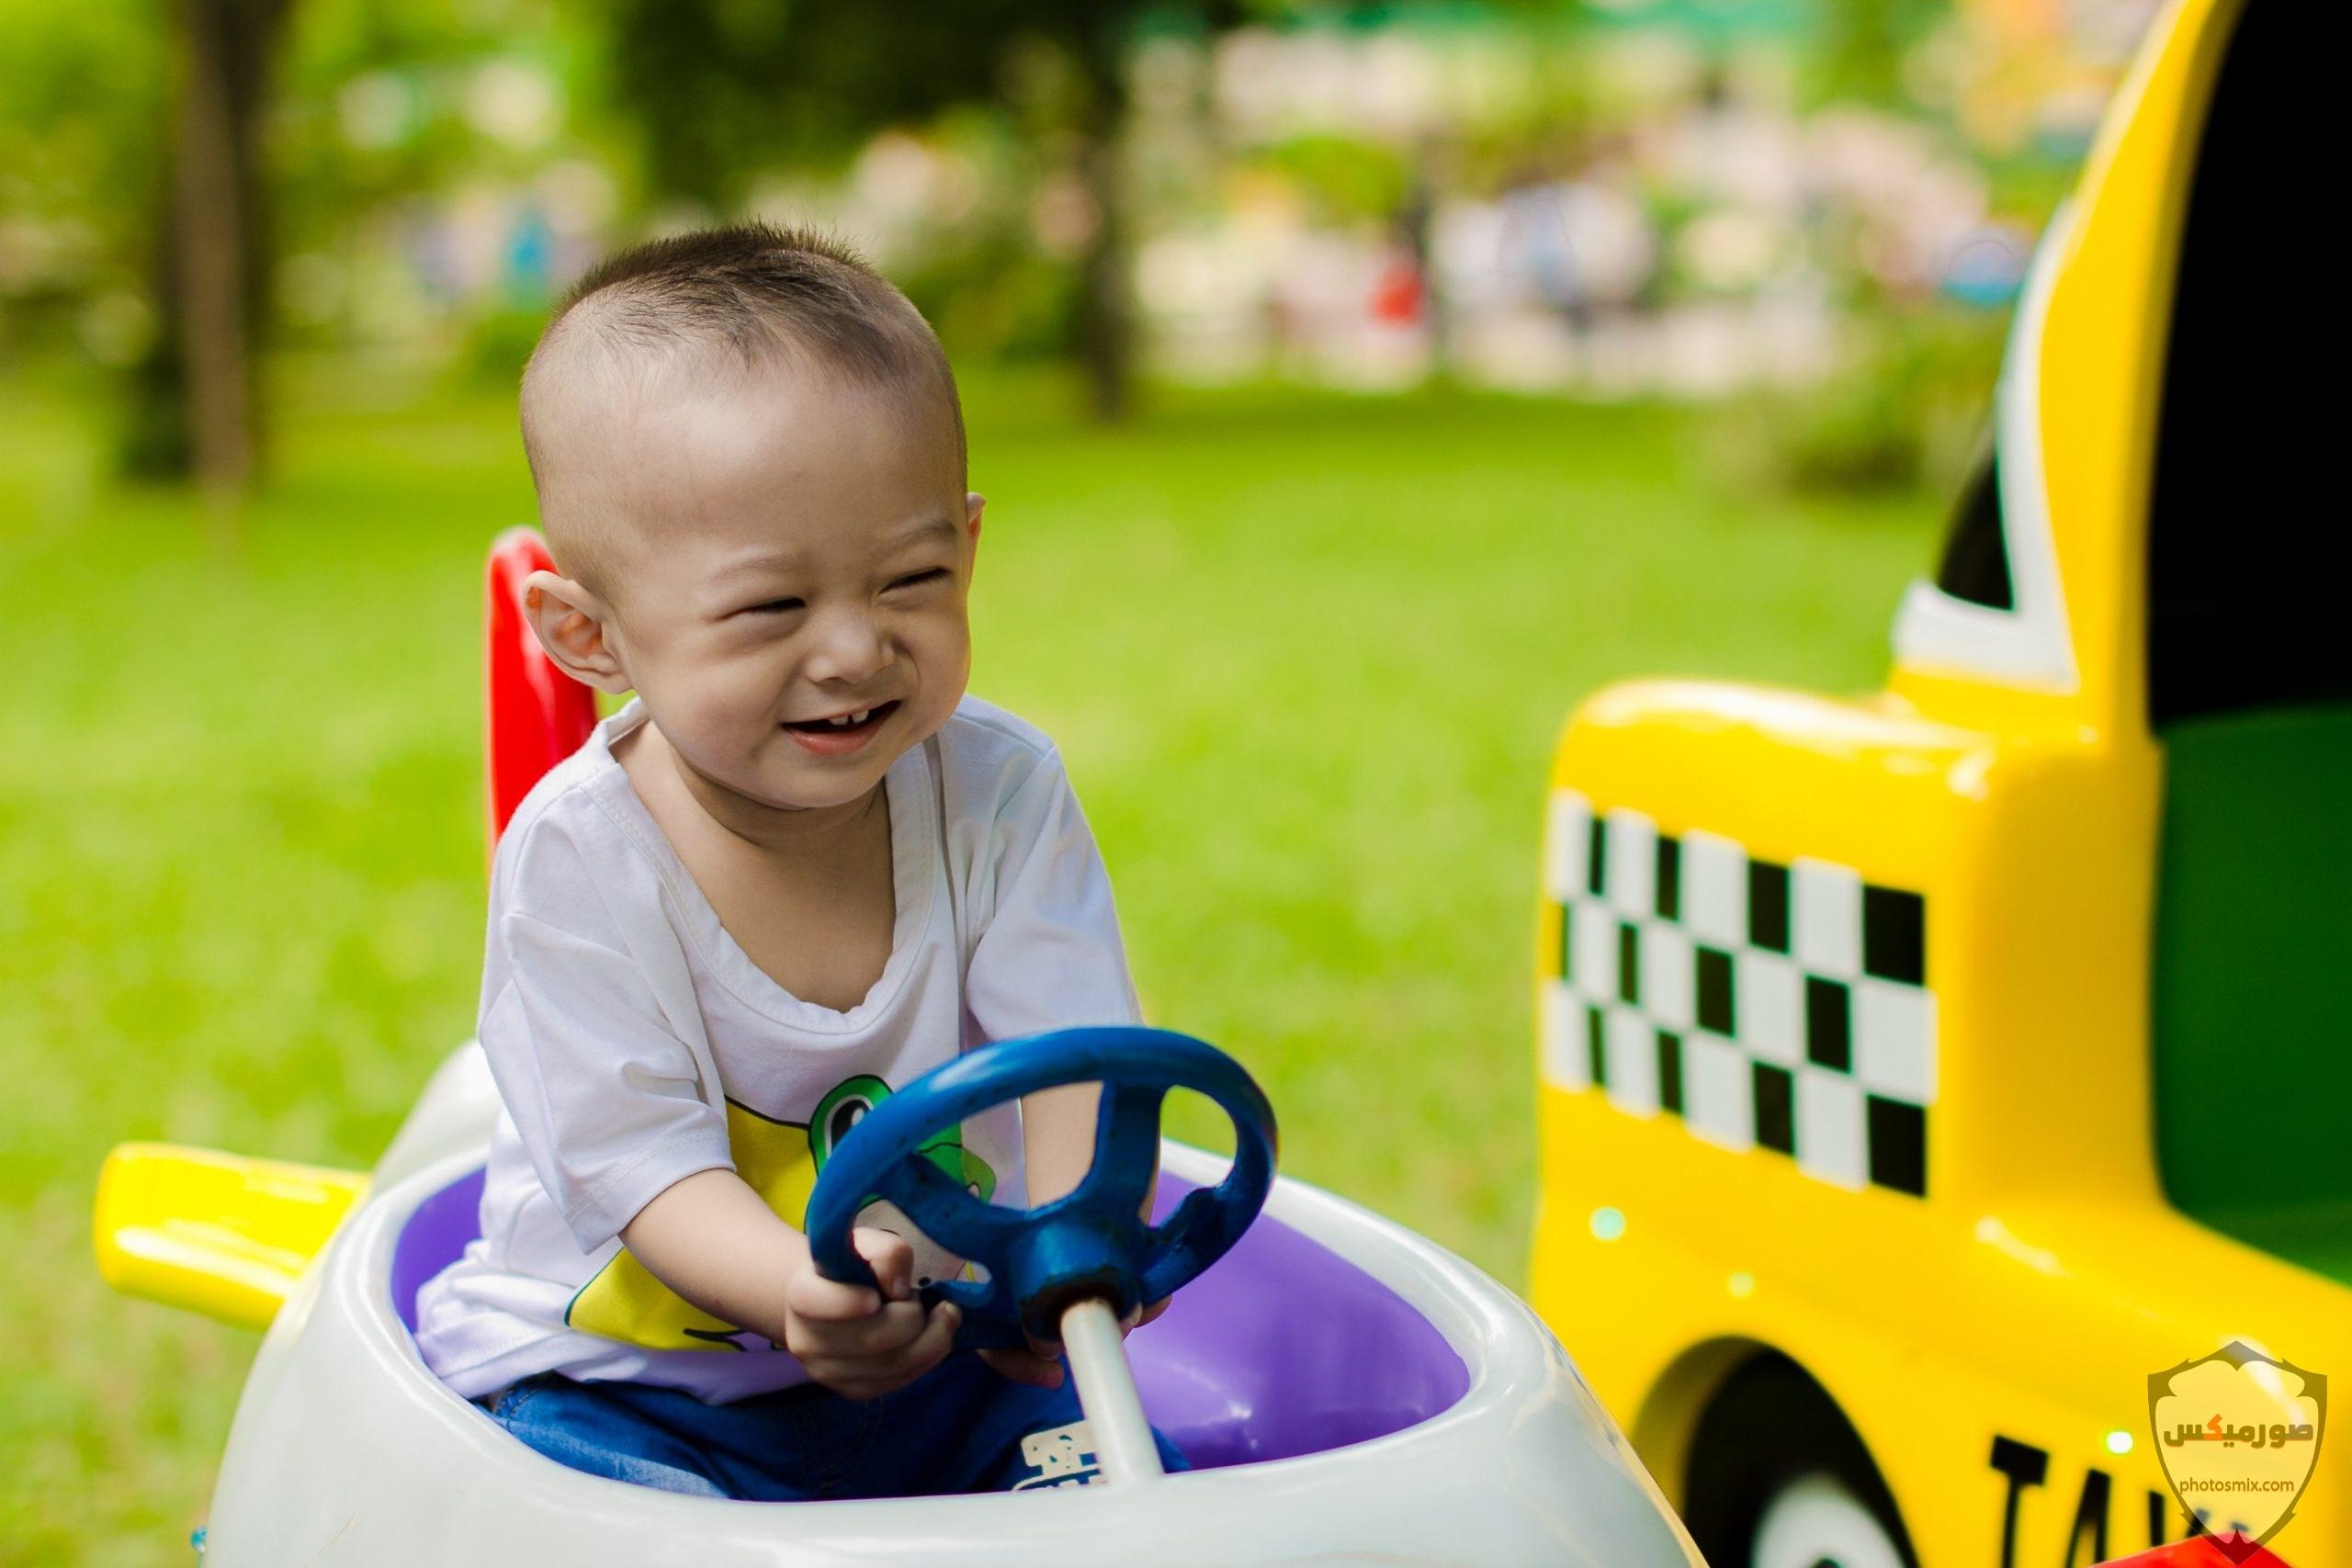 صور اطفال 2021 تحميل اكثر من 100 صور اطفال جميلة صور اطفال روعة 2020 38 1